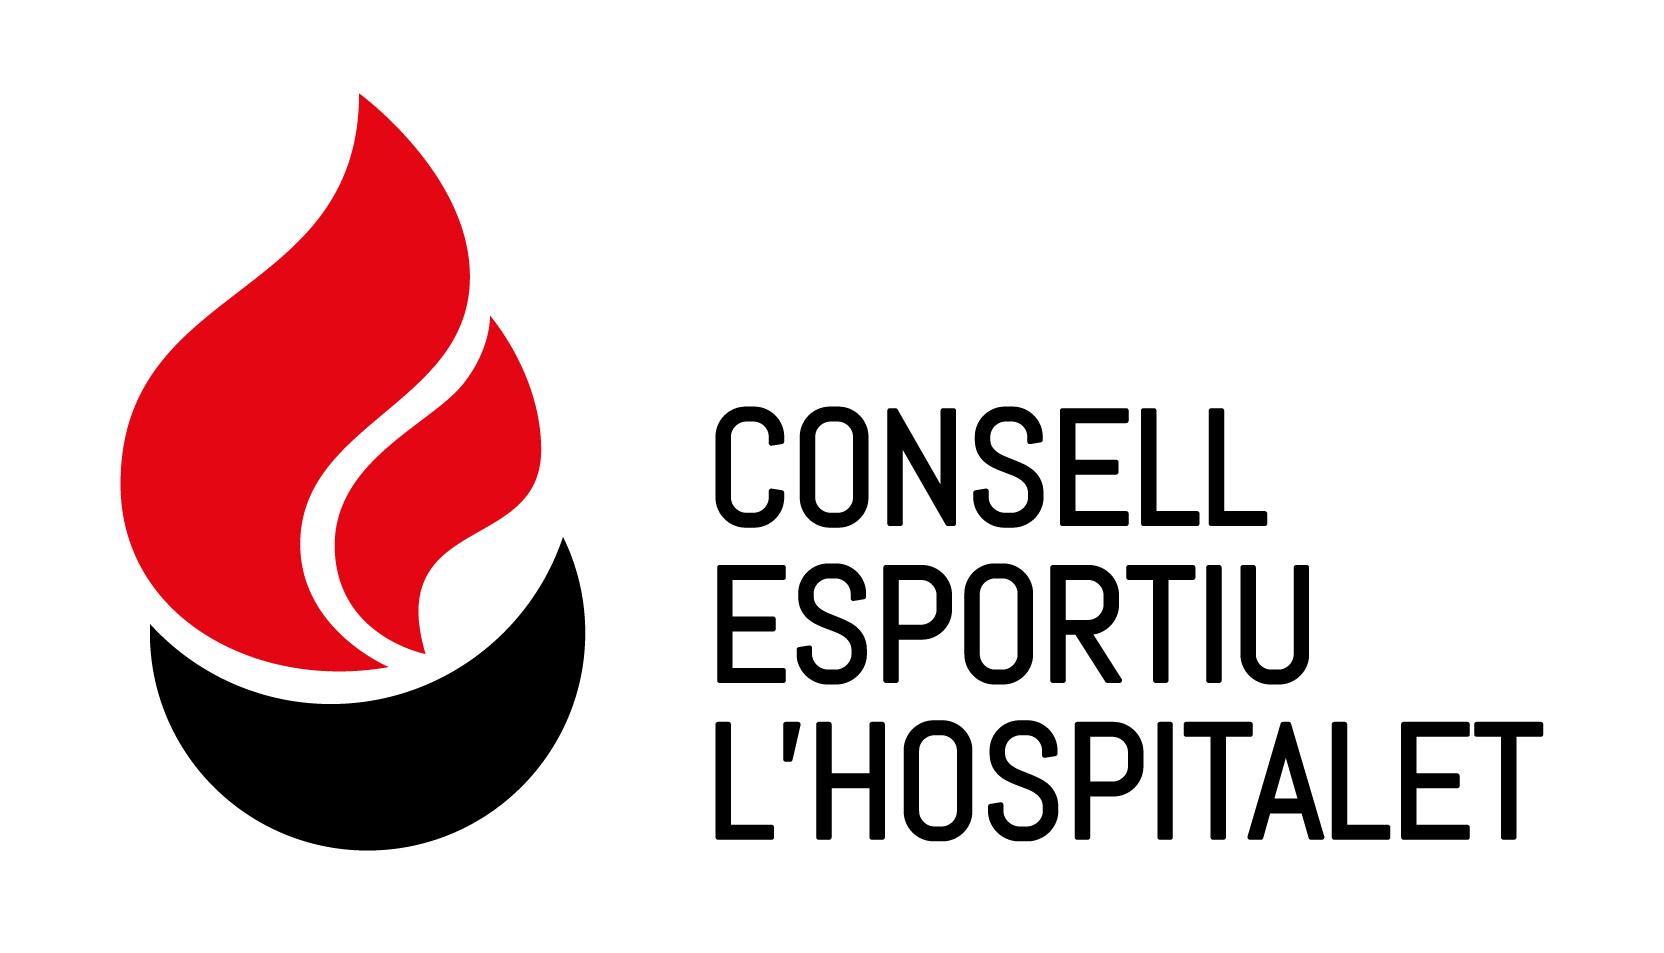 Consell Esportiu de l'Hospitalet